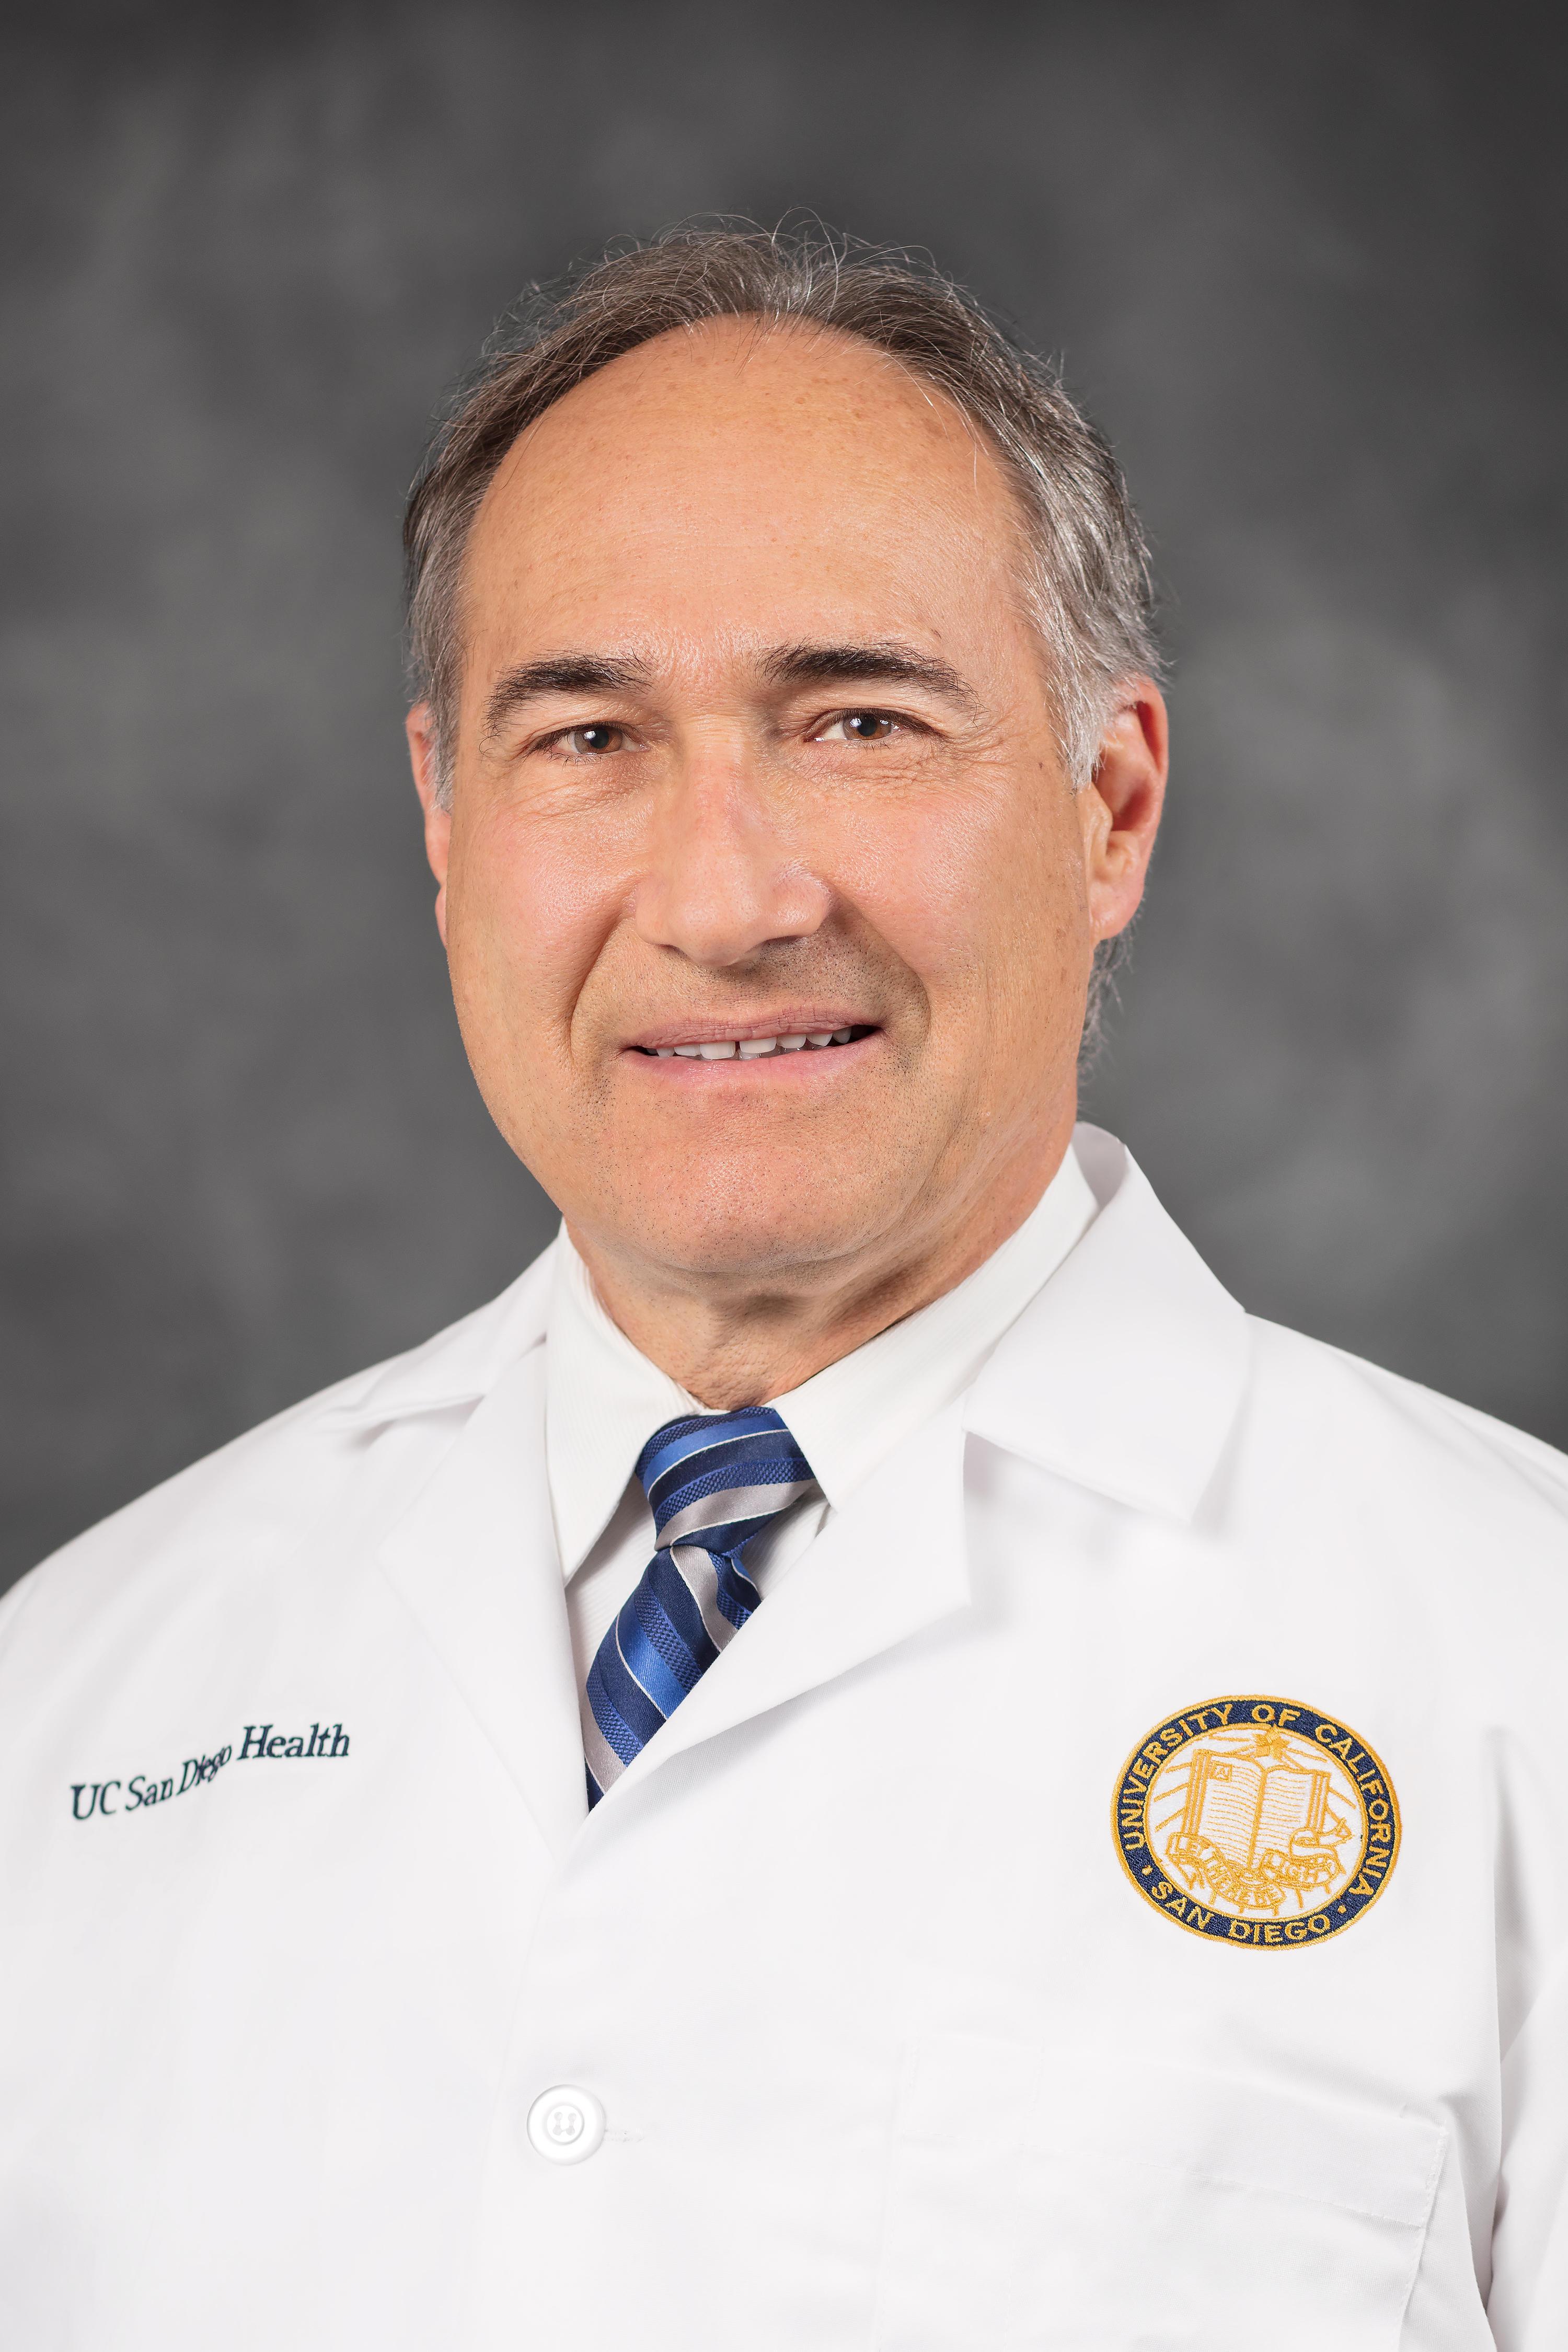 Image For Dr. Reid Allen Abrams MD